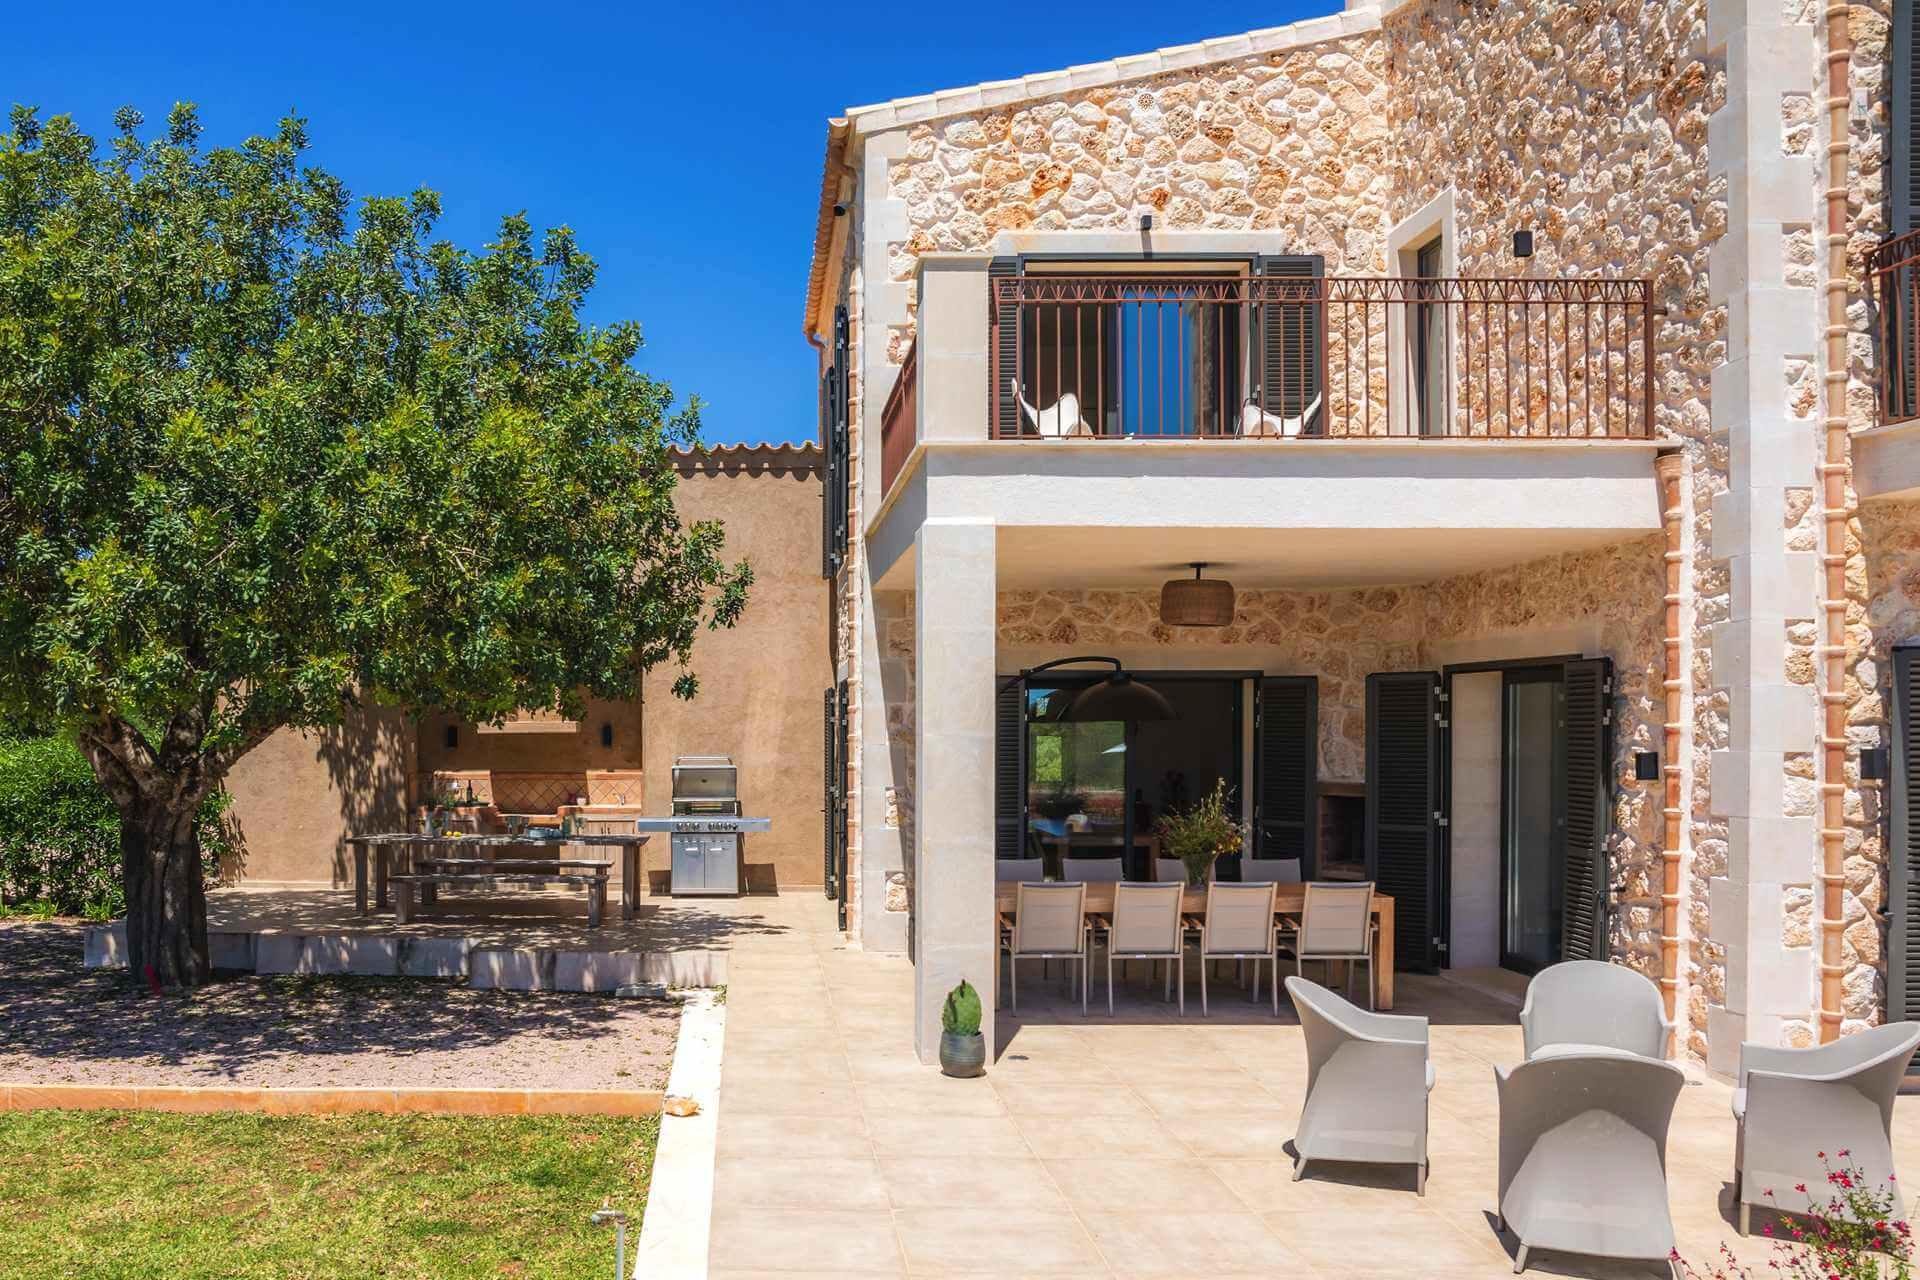 01-340 luxuriöse Finca Mallorca Osten Bild 9